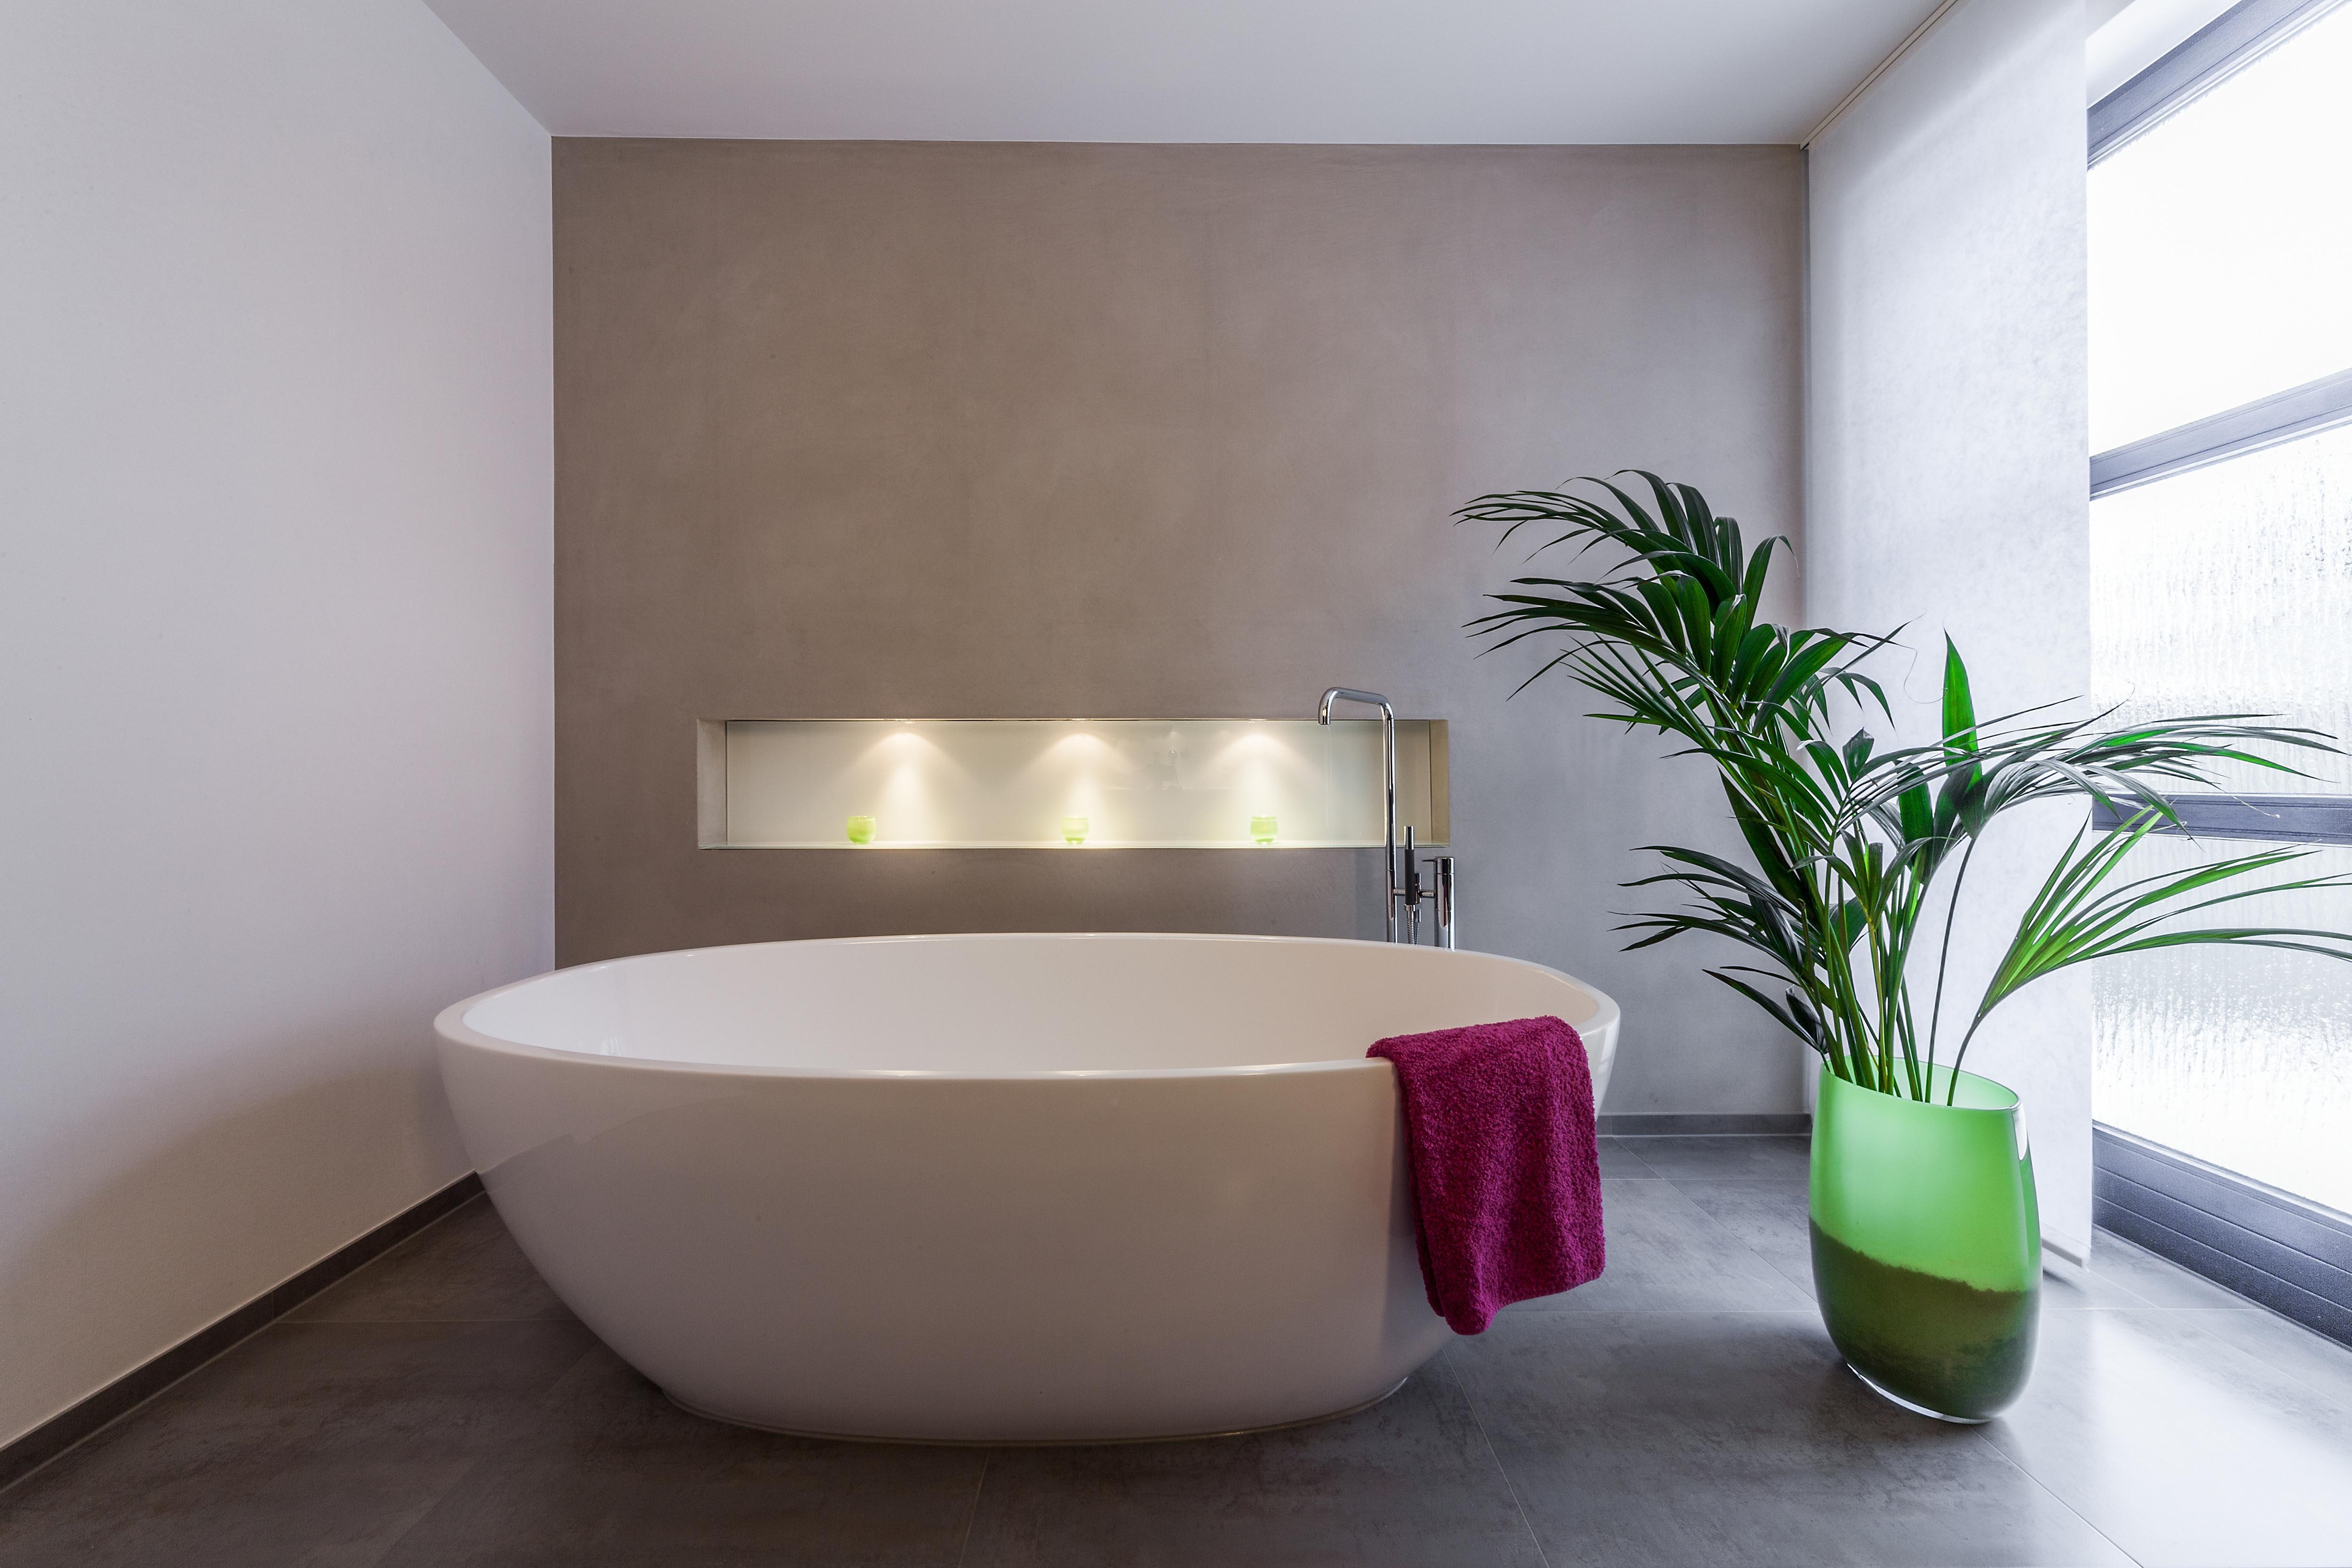 Anzeige Bestebadstudios Badezimmer Bad Badewanne Badsanierung  Modernesbadezimmer Minimalismus 7c362a48 044f 4d23 A1b7 5d4fecec179f